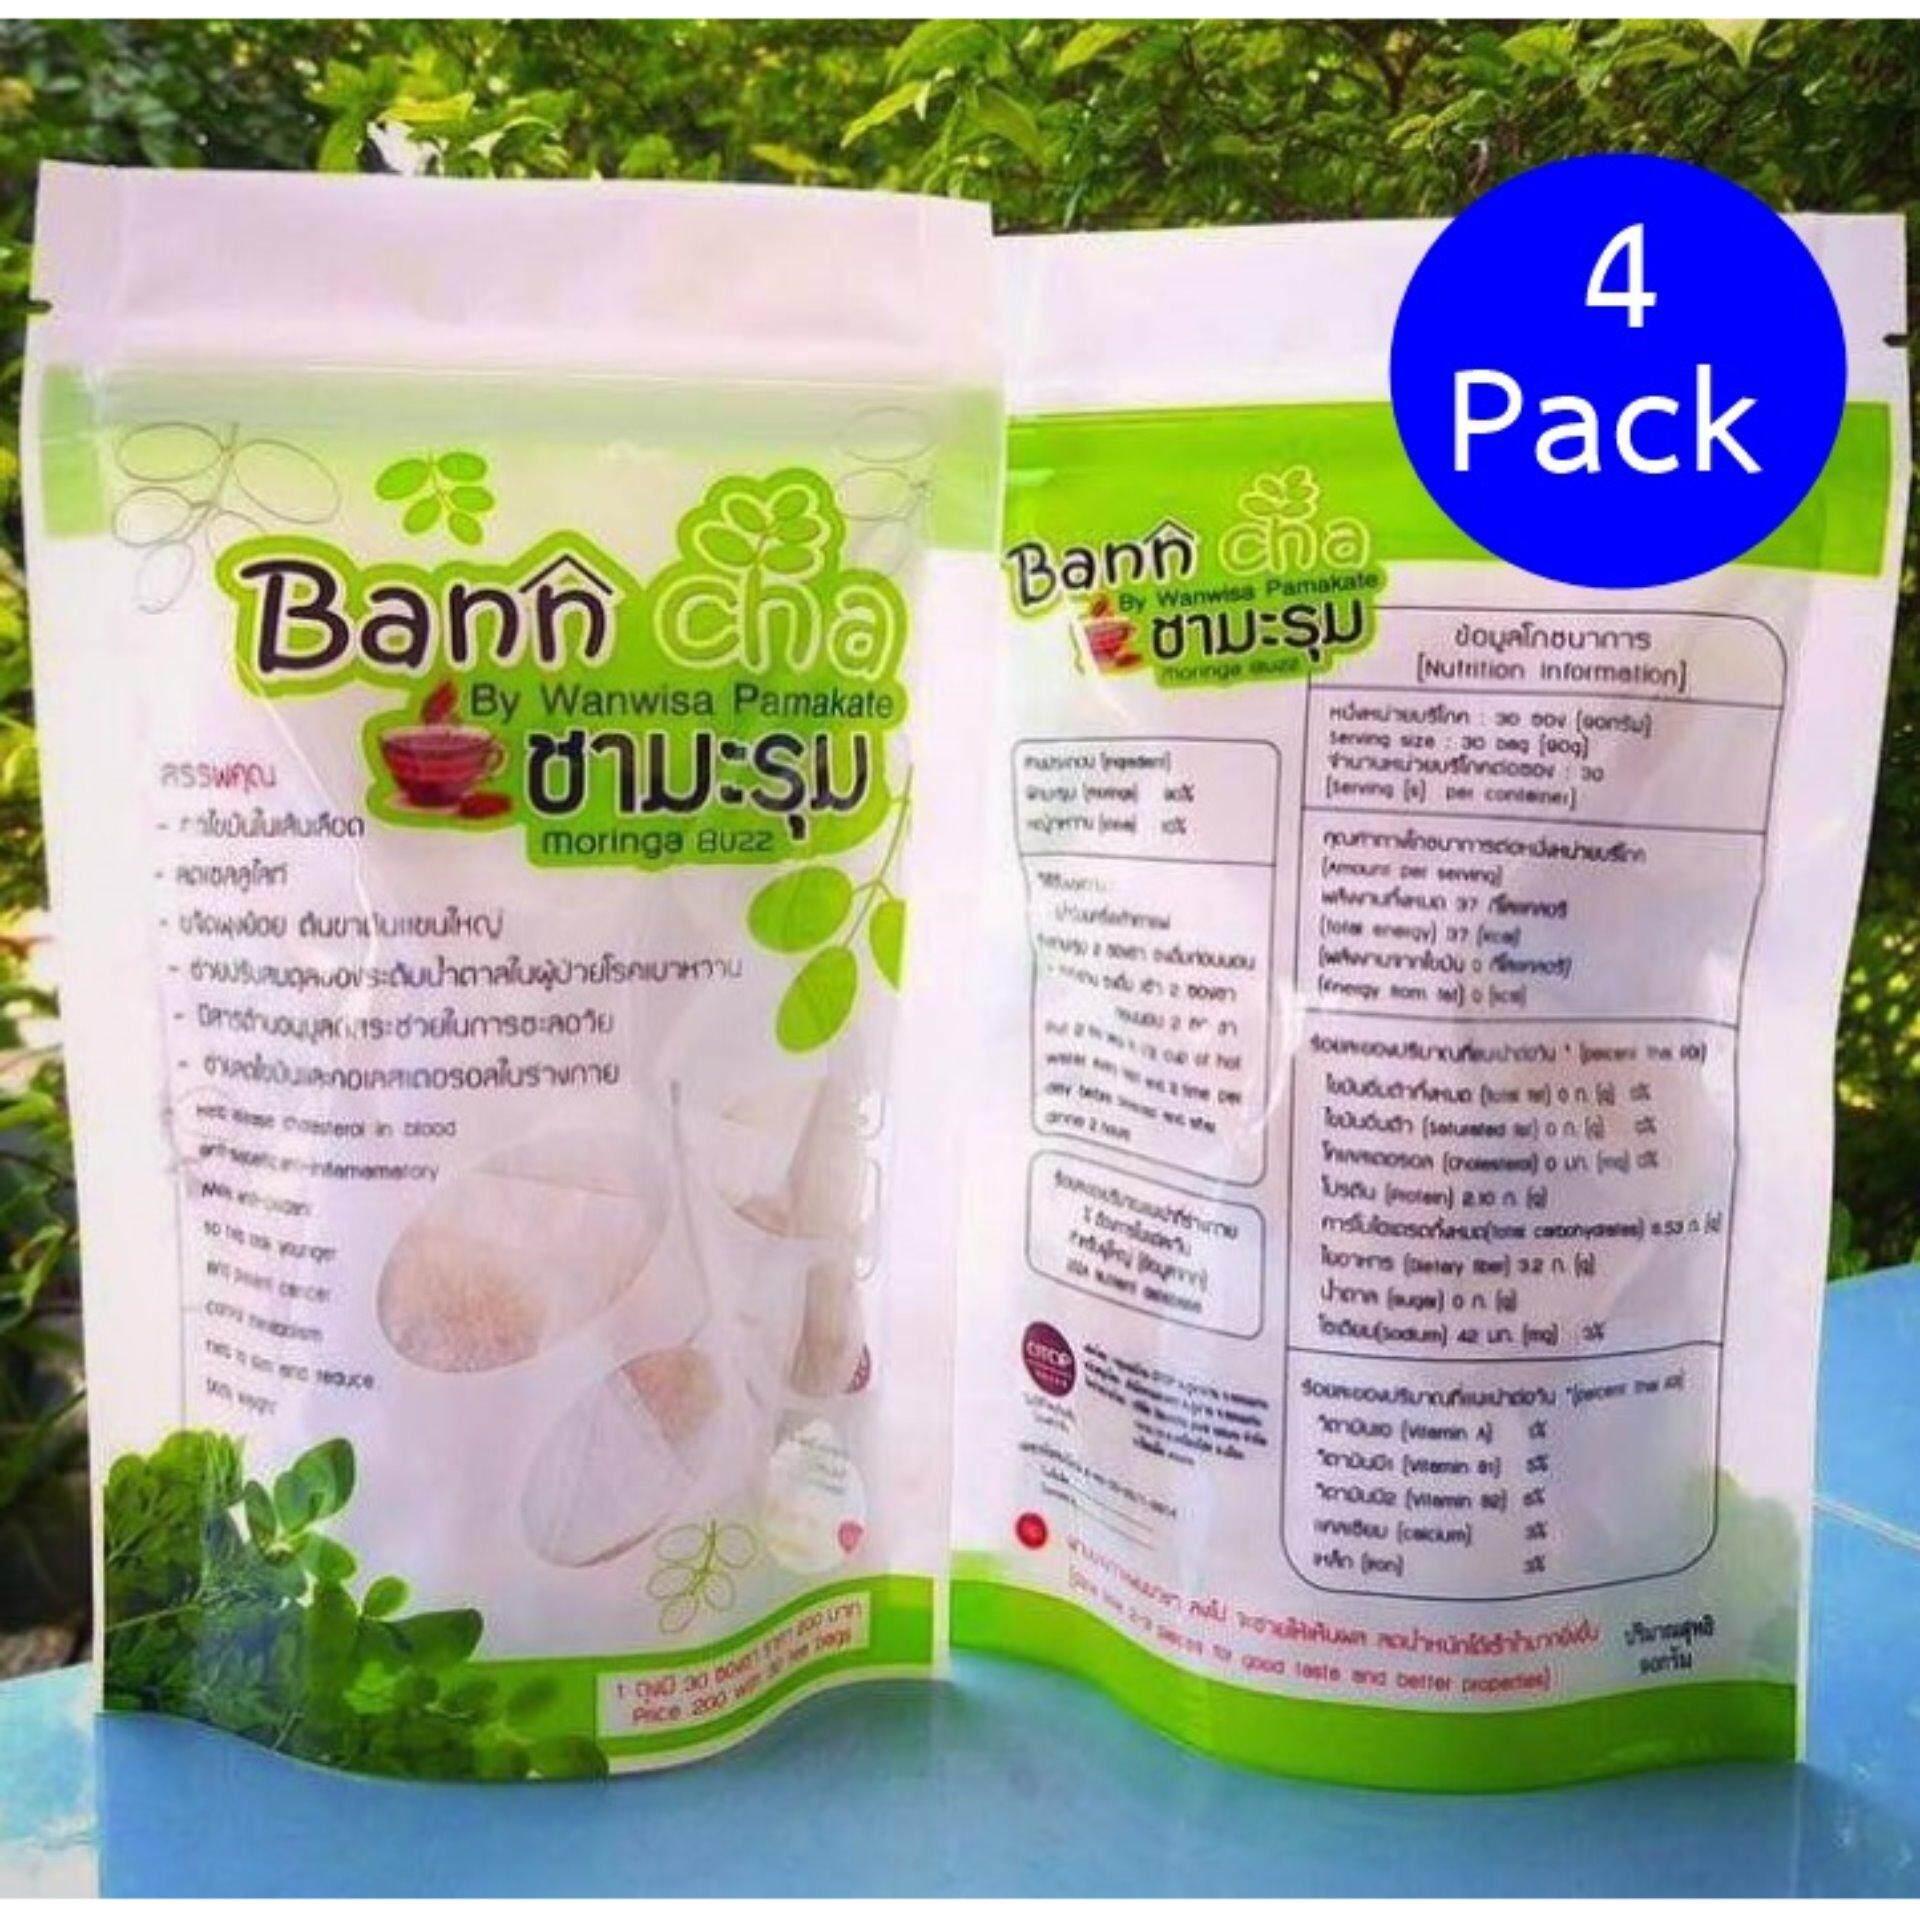 ราคา Bann Cha ชามะรุมบ้านชา 4 แพค 120 ซอง ชาเพื่อสุขภาพ ลดน้ำหนัก จากมะรุมธรรมชาติแท้ Bann Cha